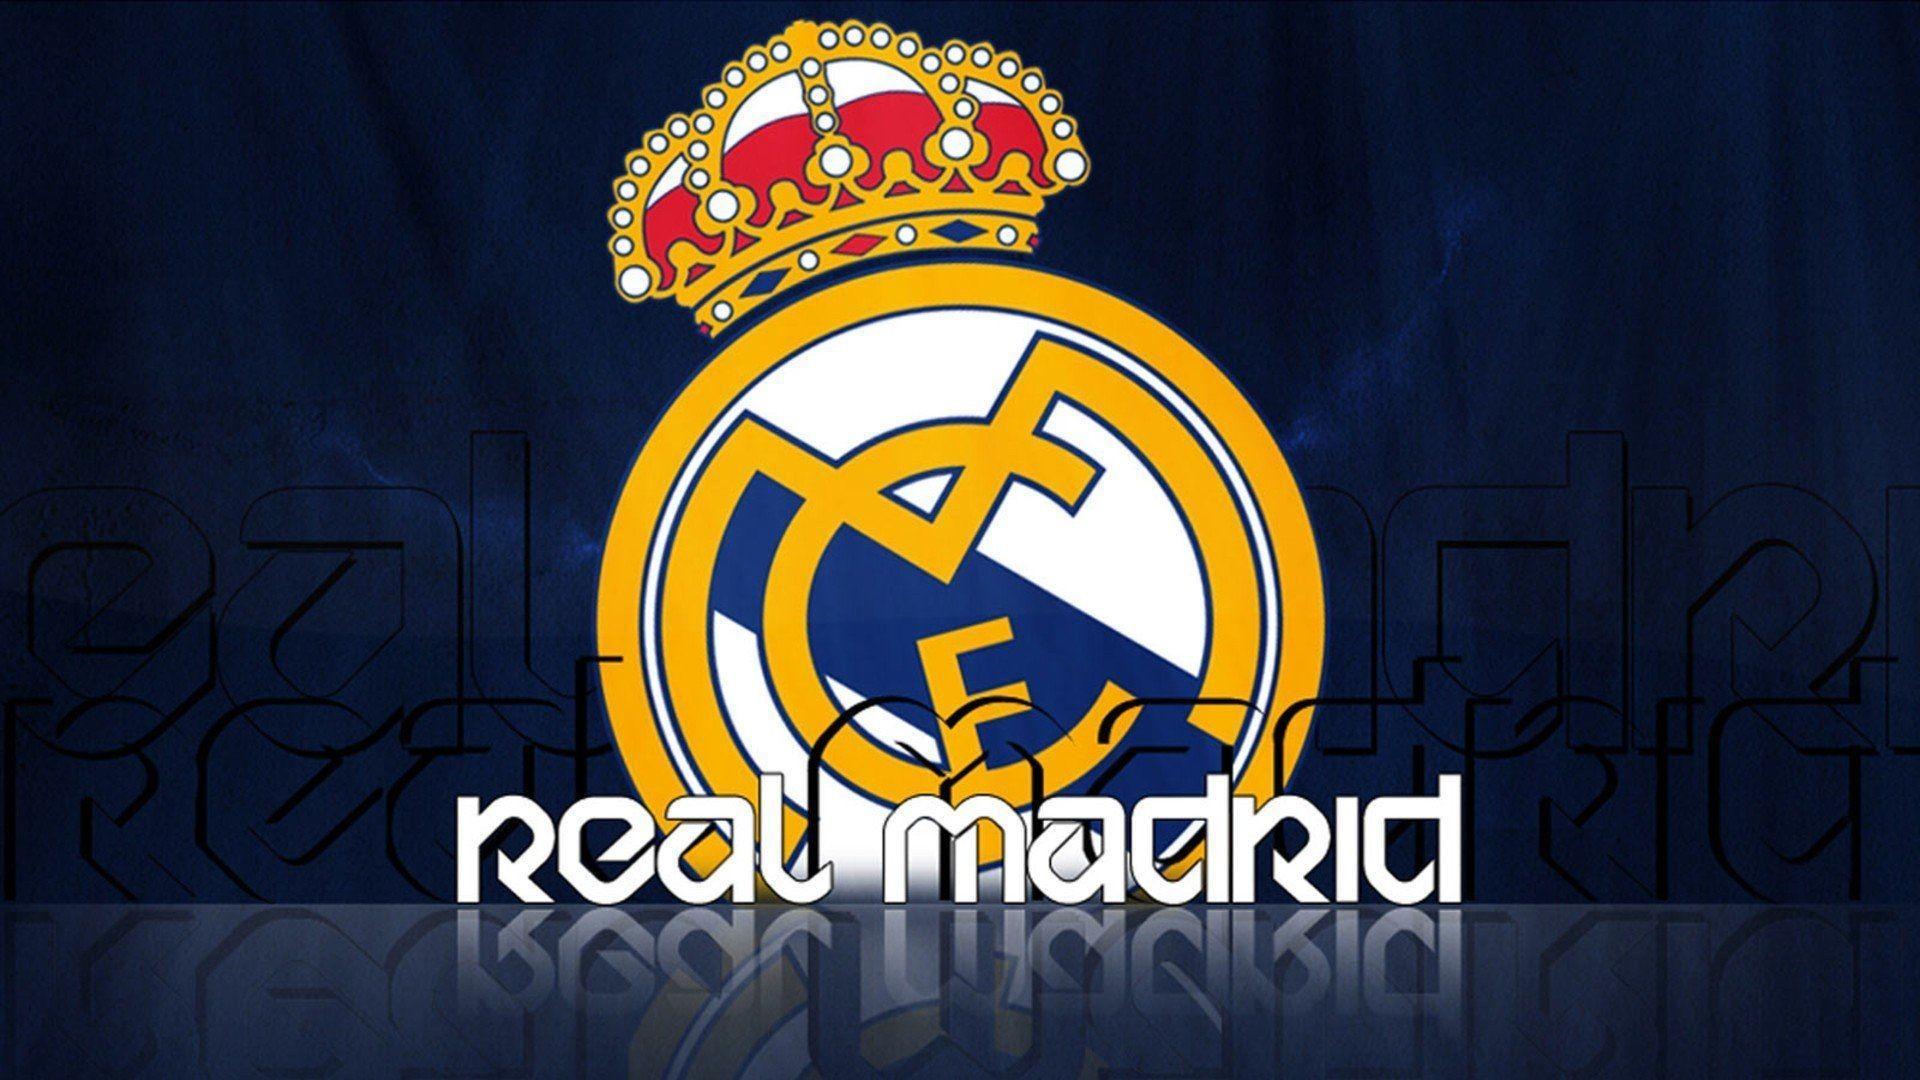 Sports soccer Real Madrid football teams Football Logos wallpaper .